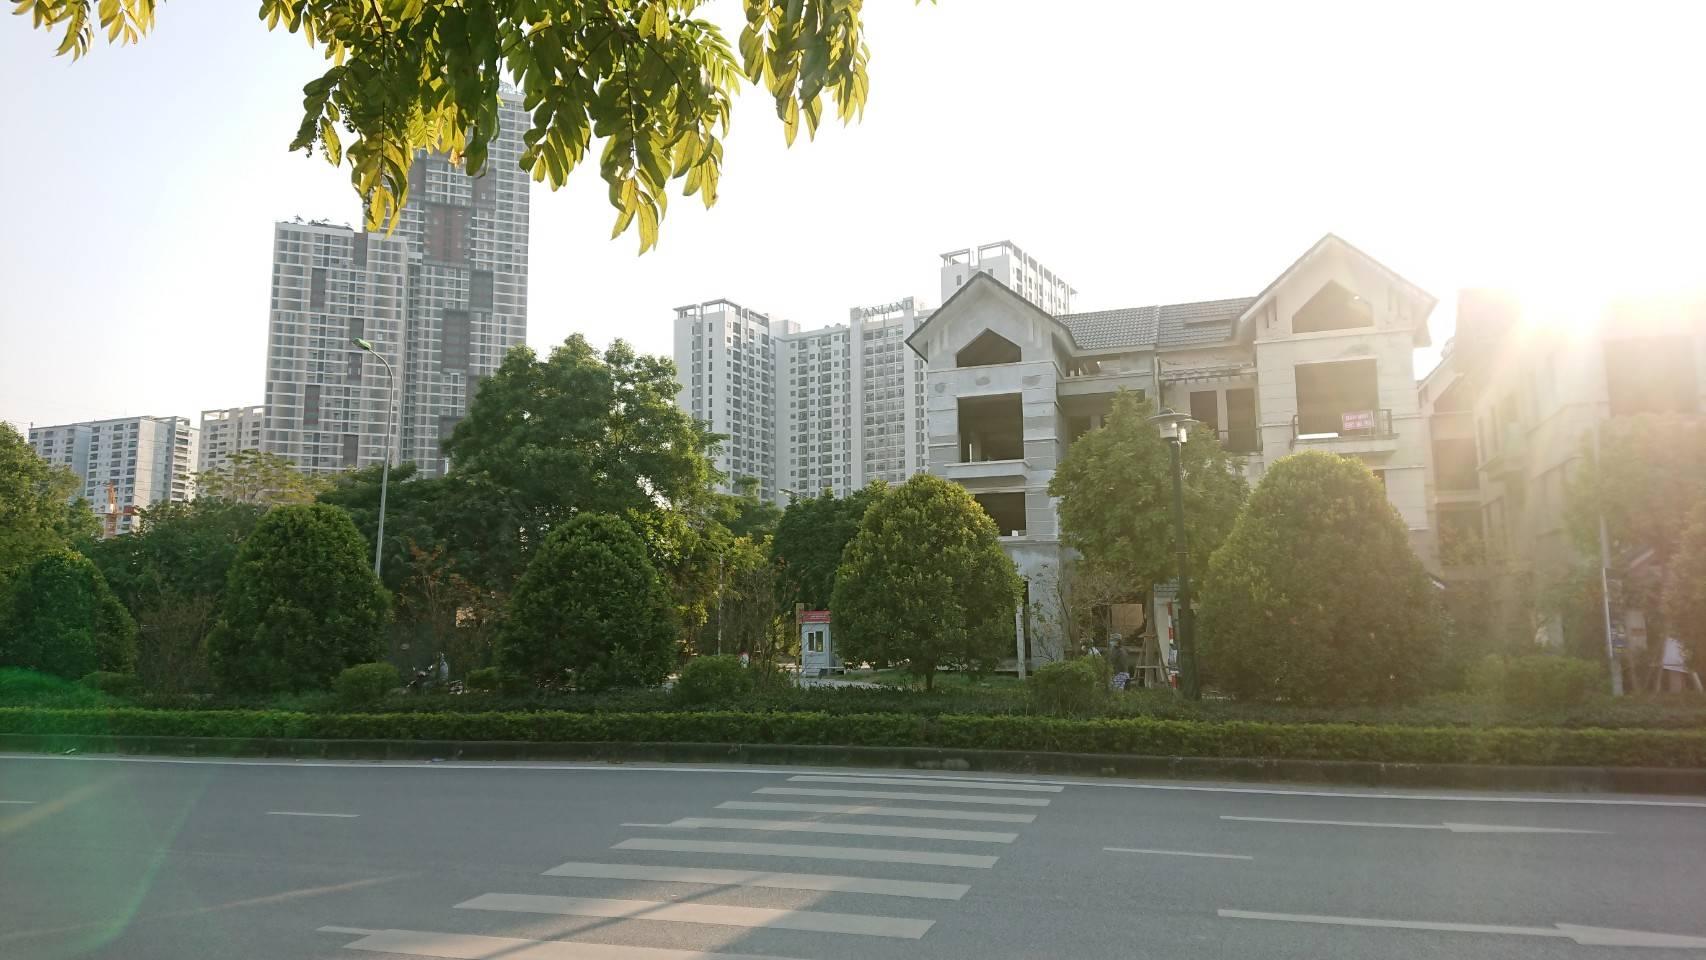 イオンモール・ハドン(ベトナム)周辺に建築中の住宅地